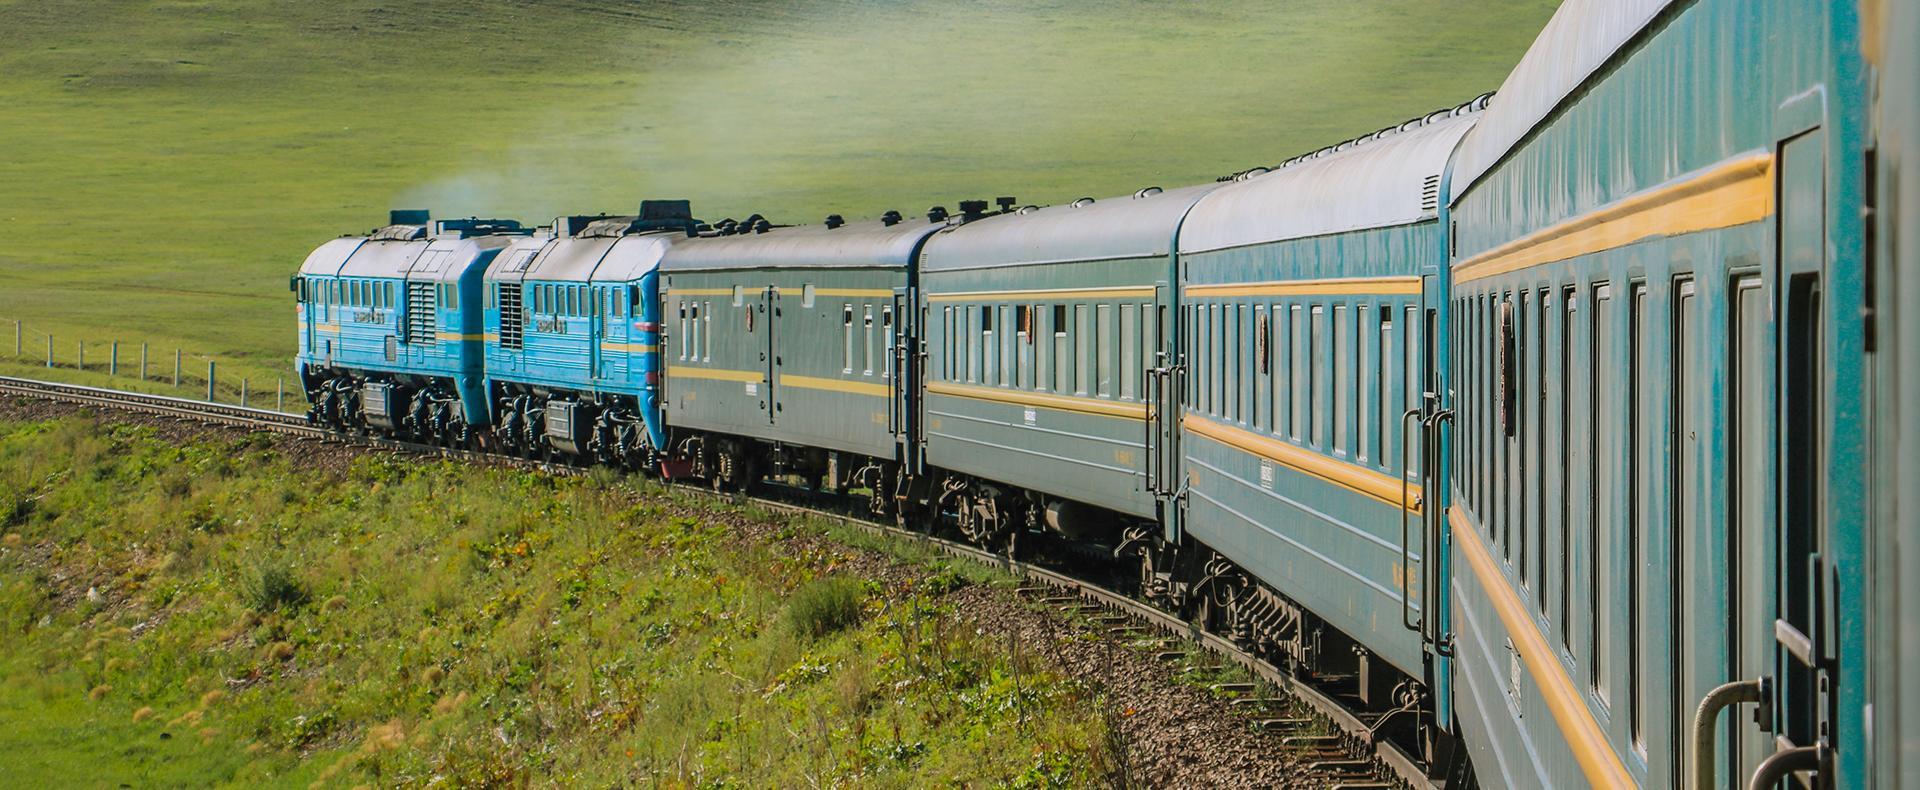 Voyage à Bord du Transsiberien